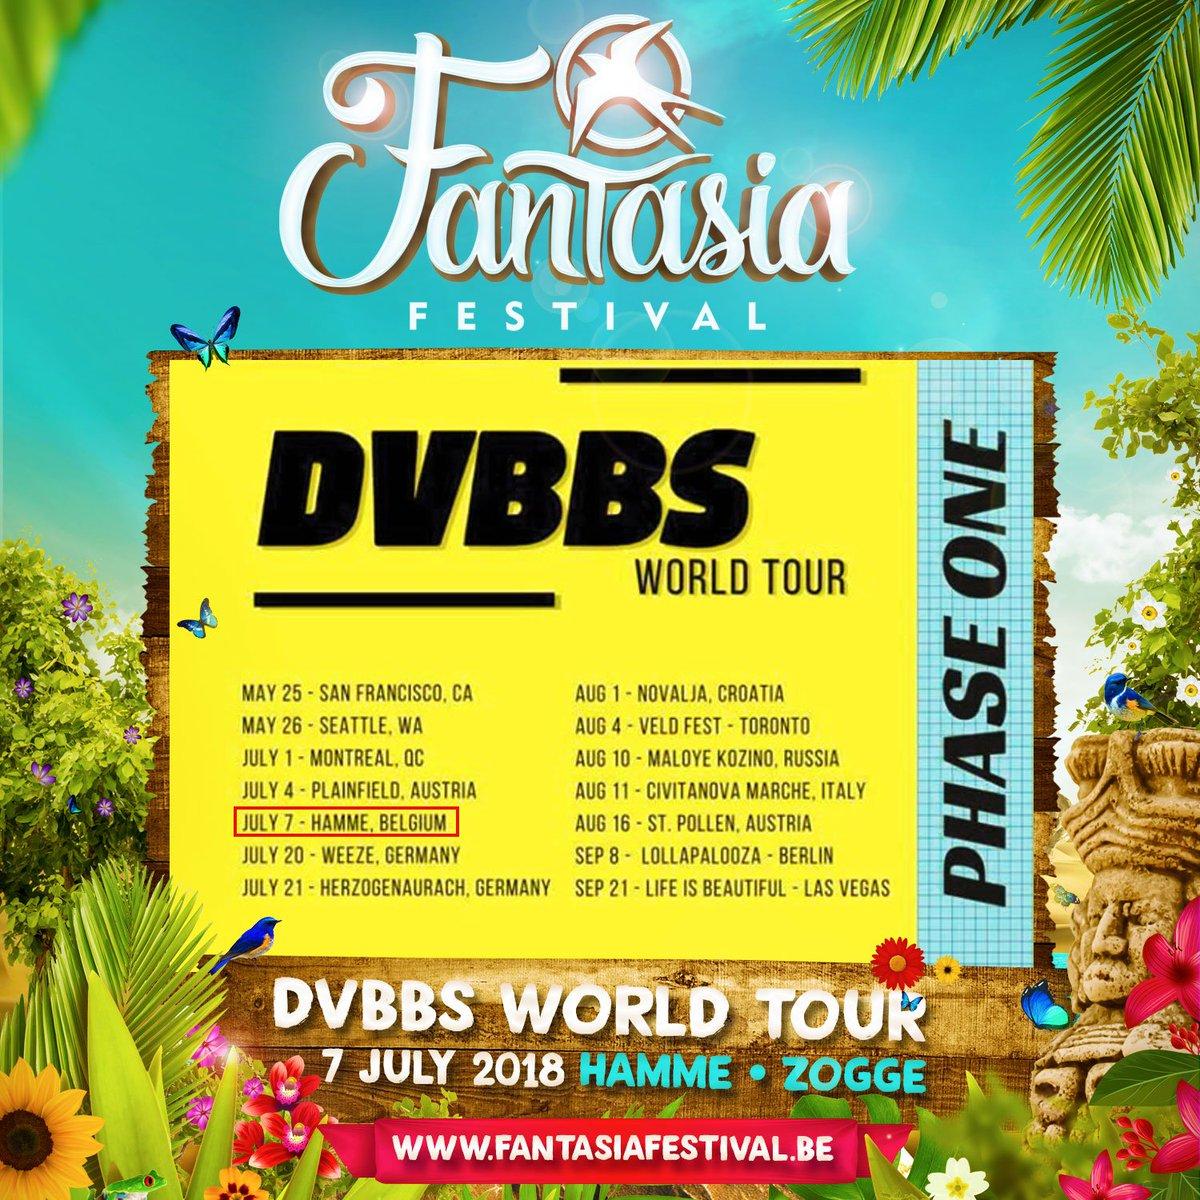 abf9c5a2d Fantasia Festival ( FantasiaBelgium)